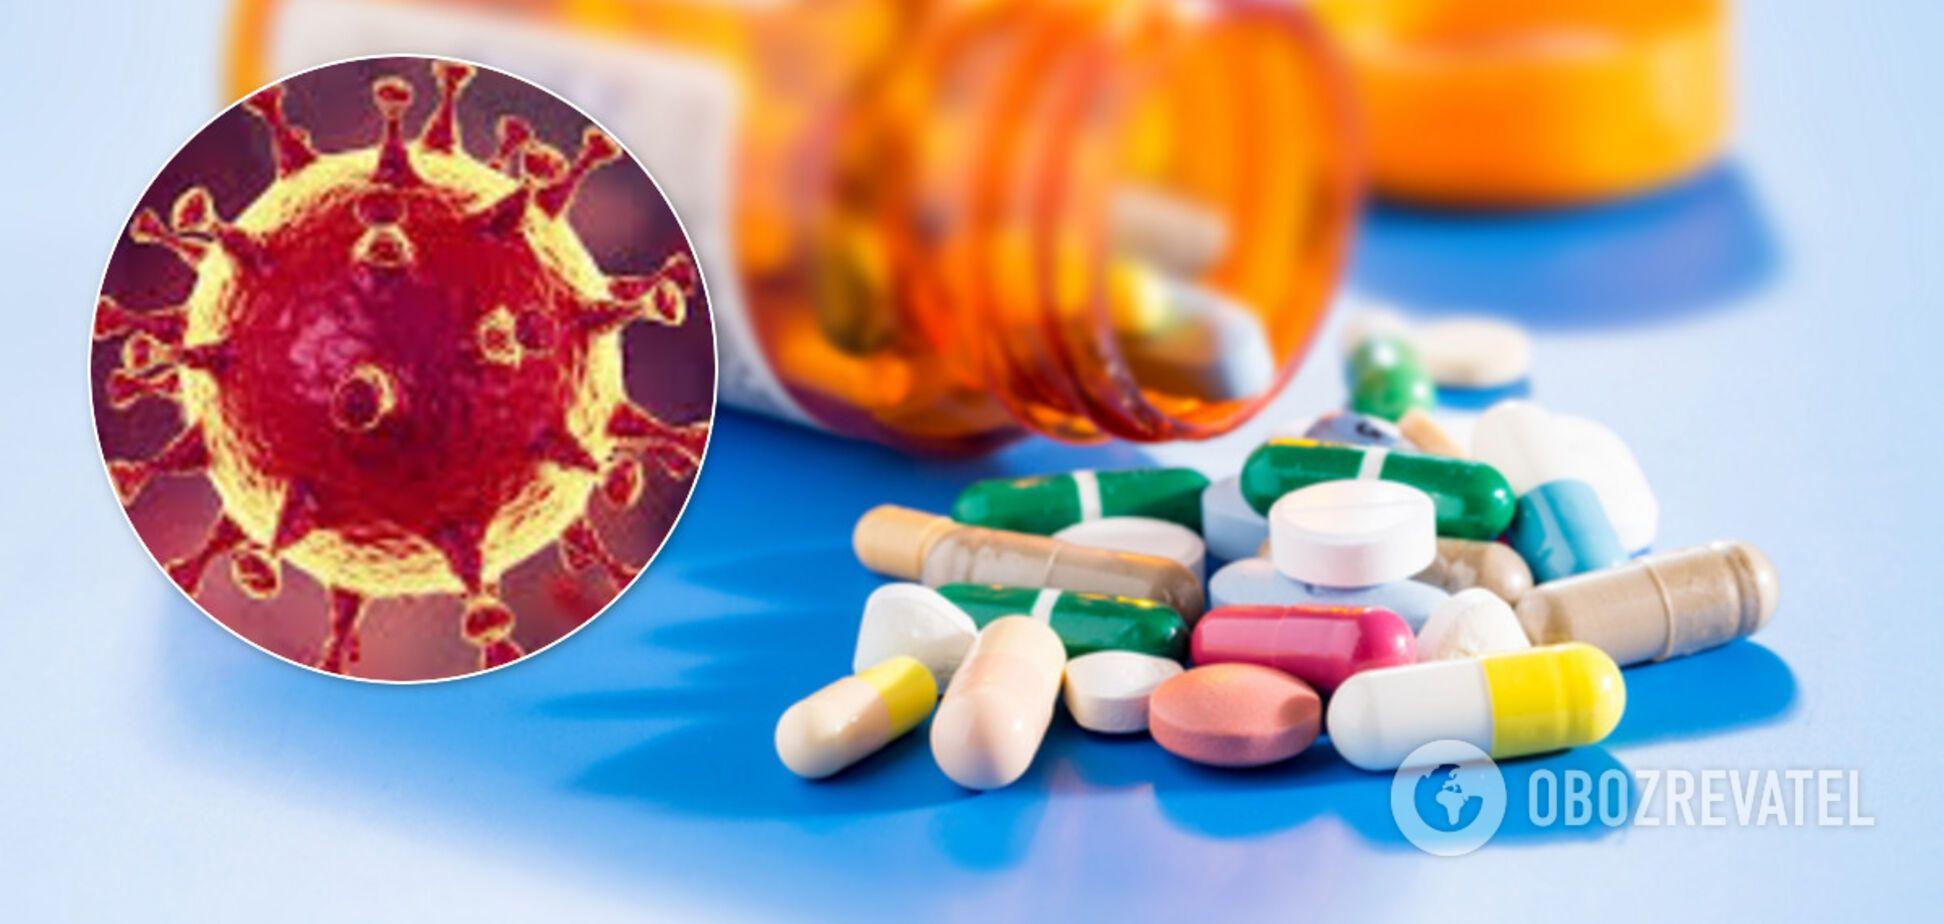 В США нашли эффективное новое лекарство против COVID-19